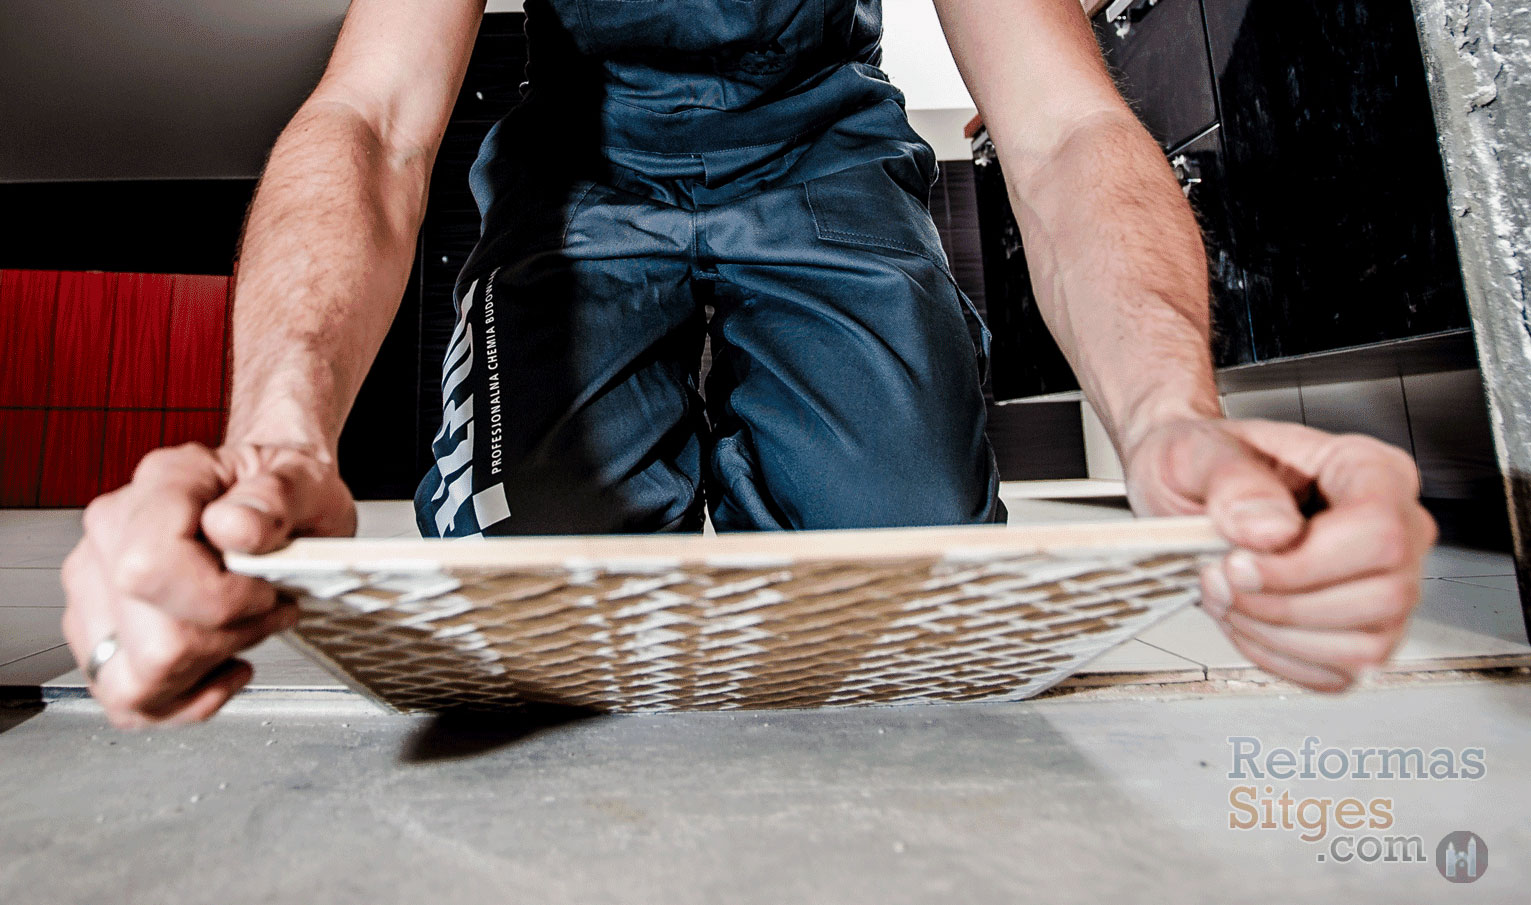 Tiling Floors & Walls - Sitges